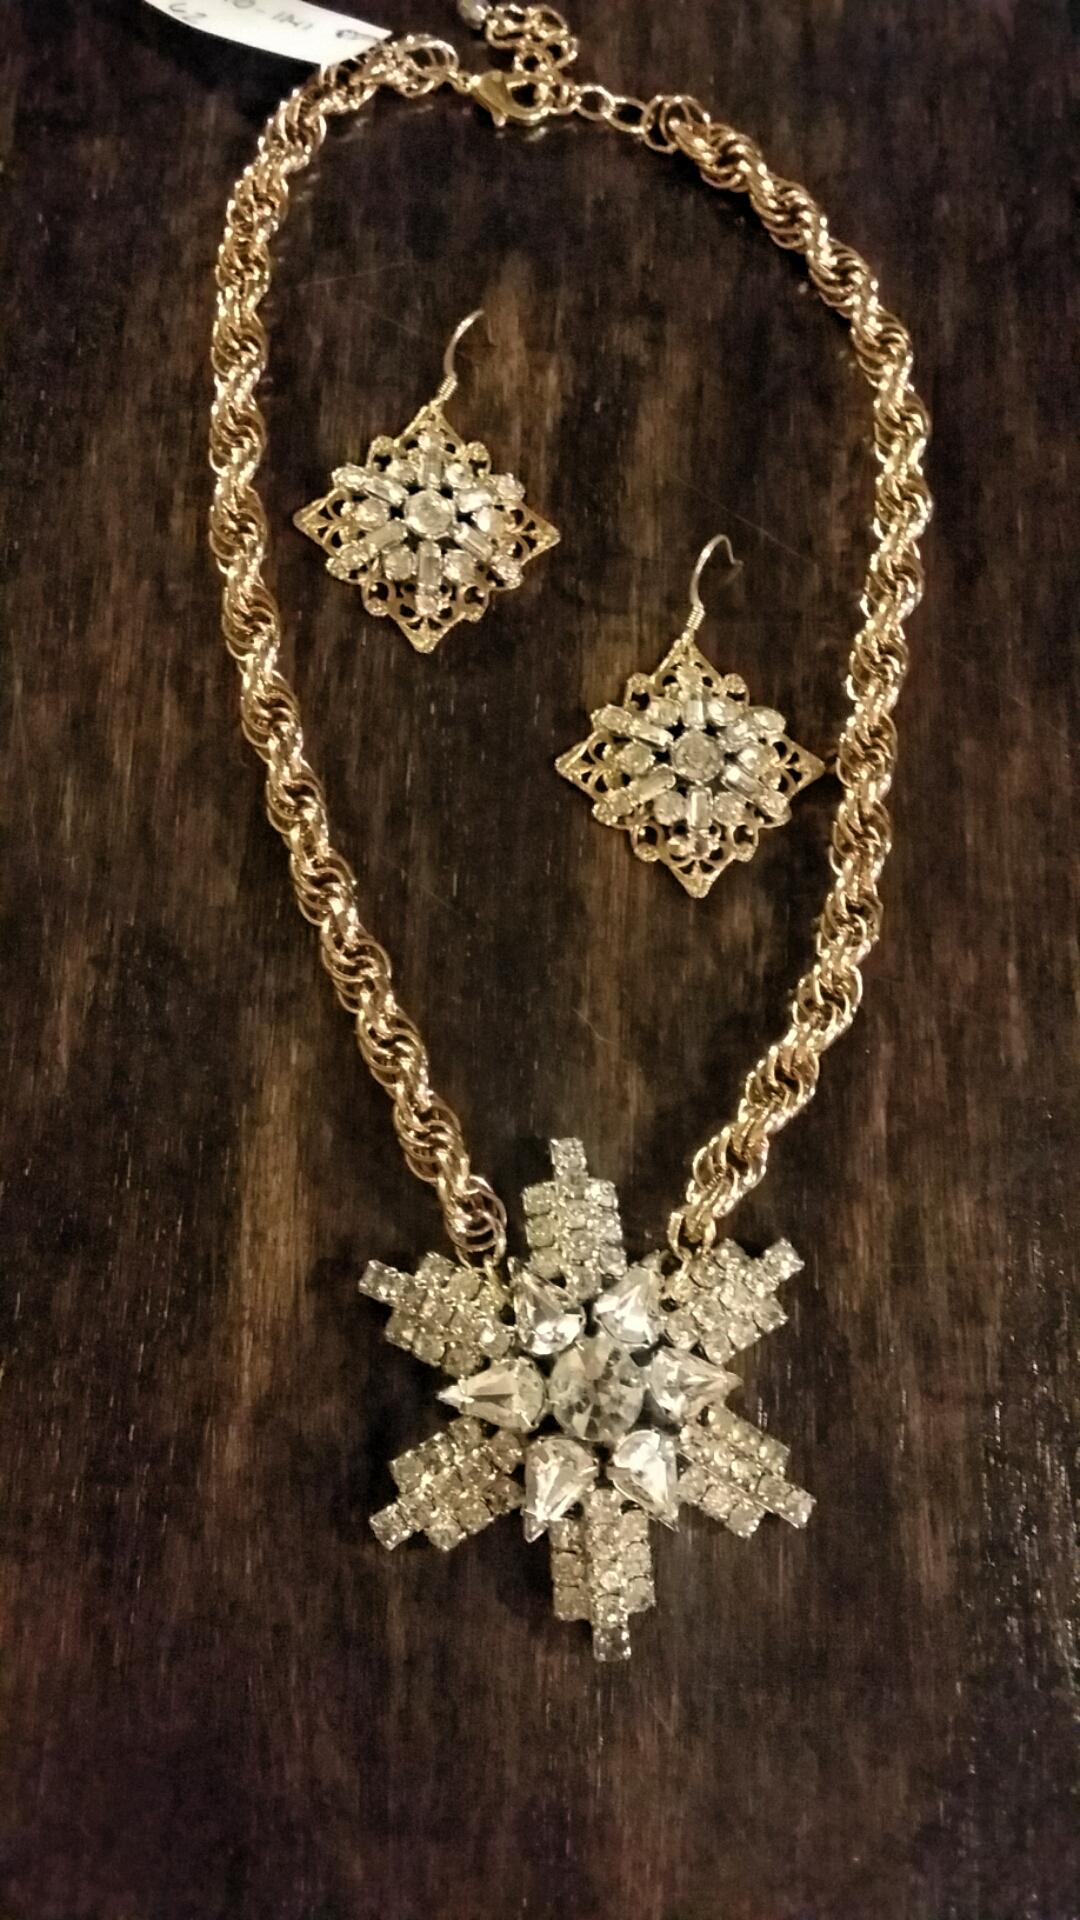 Earrings: $42. Necklace: $62